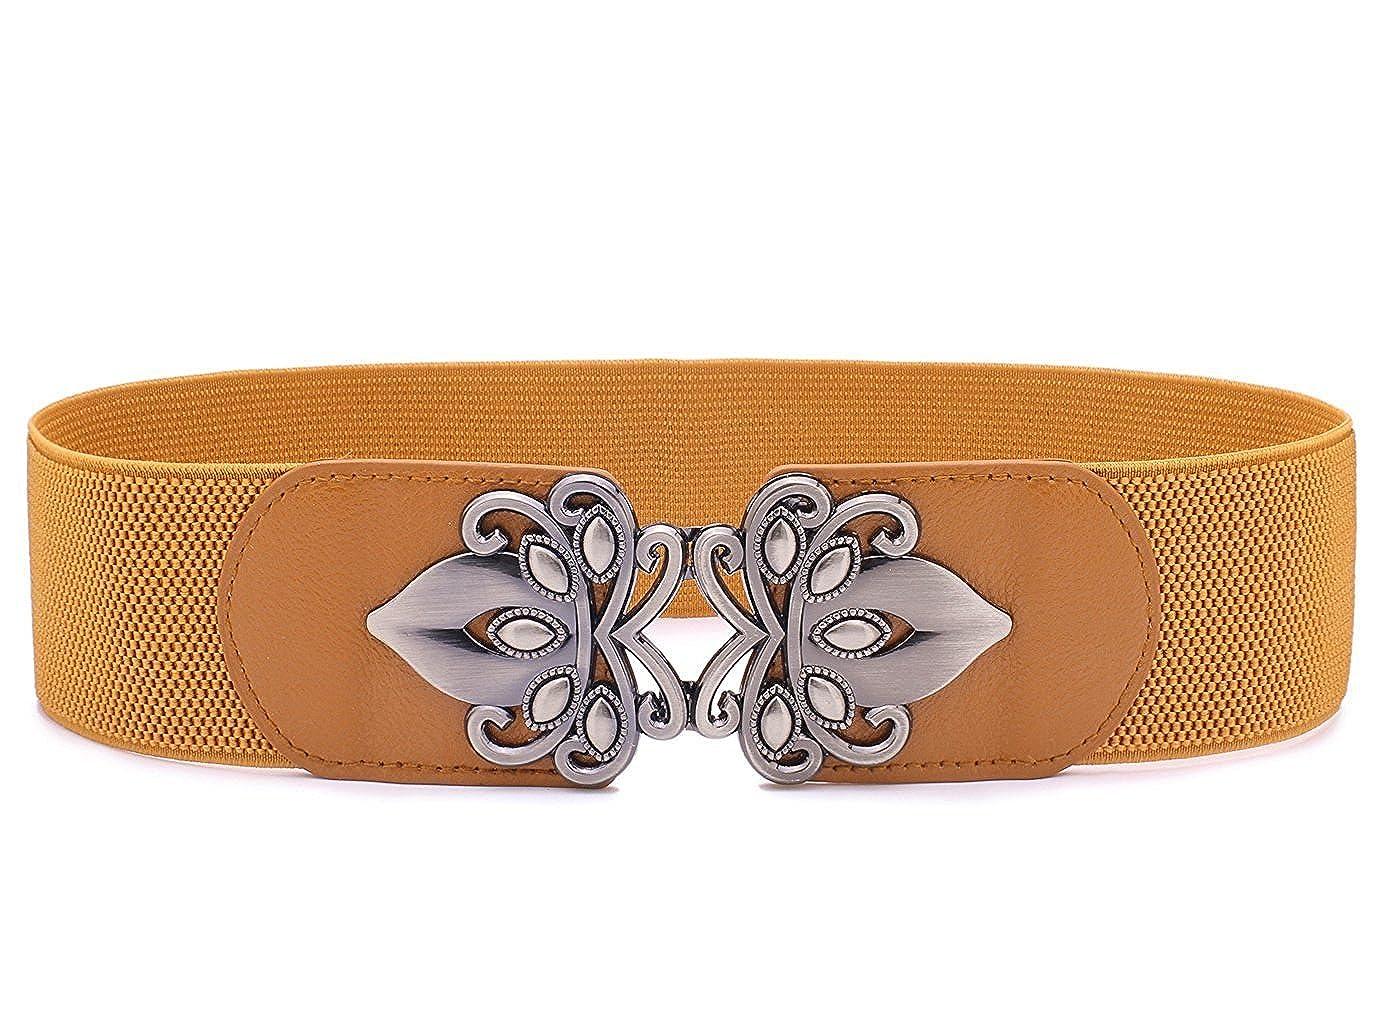 LONFENNE Mode rétro Vintage élastique Stretch ceinture nouvelle arrivée  féminine, ceintures 2.3